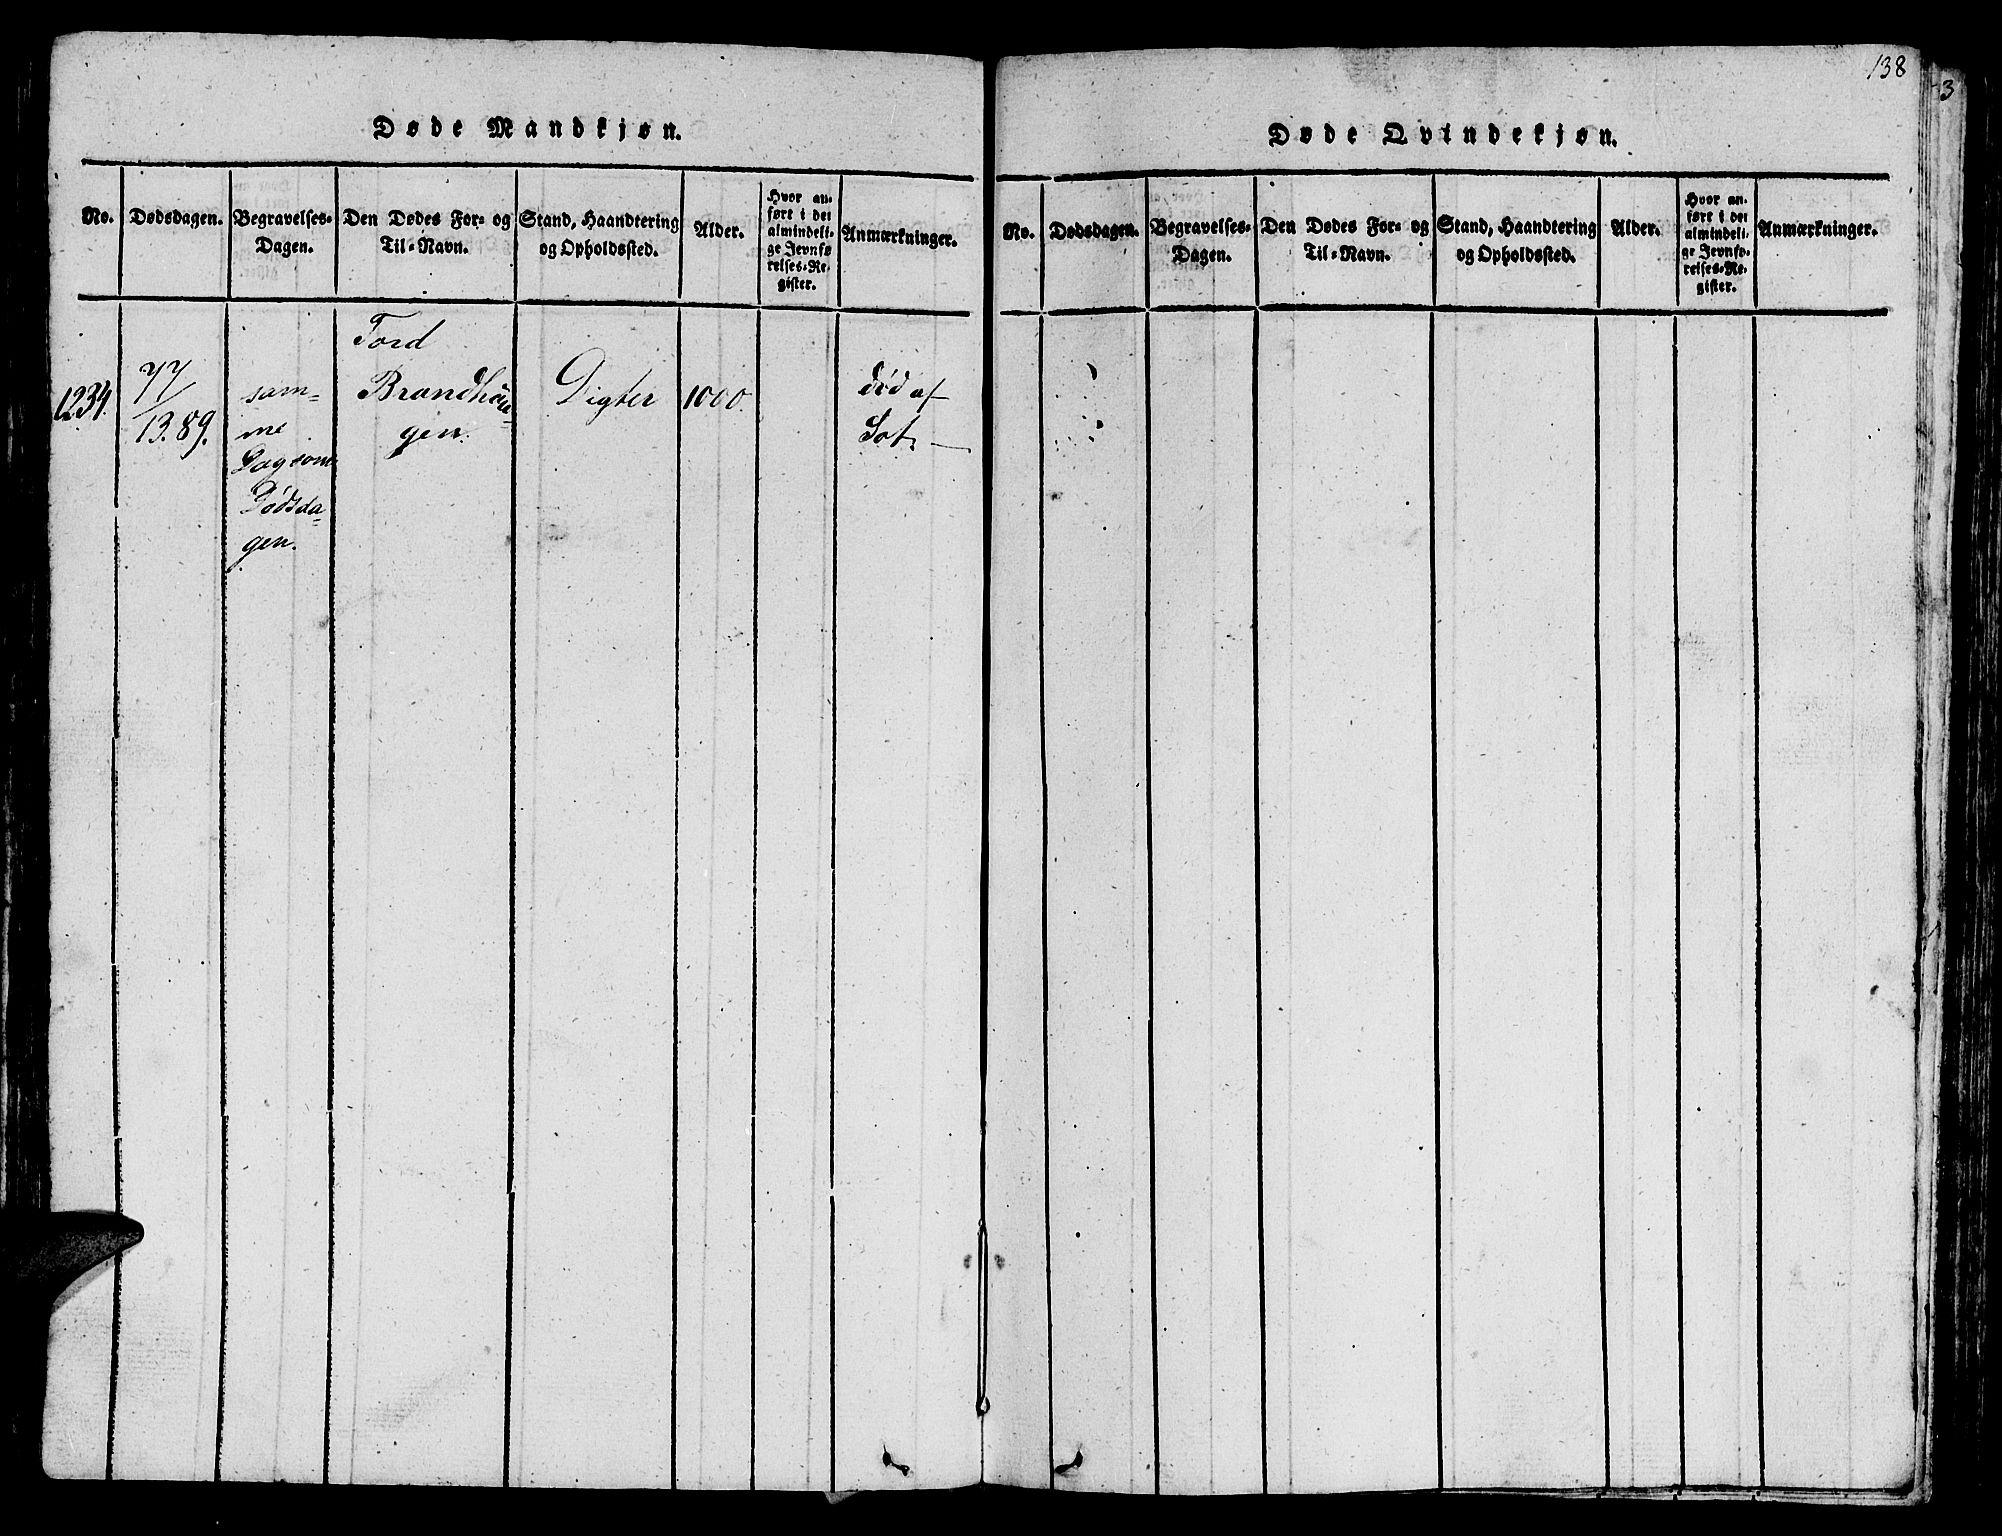 SAT, Ministerialprotokoller, klokkerbøker og fødselsregistre - Sør-Trøndelag, 612/L0385: Klokkerbok nr. 612C01, 1816-1845, s. 138